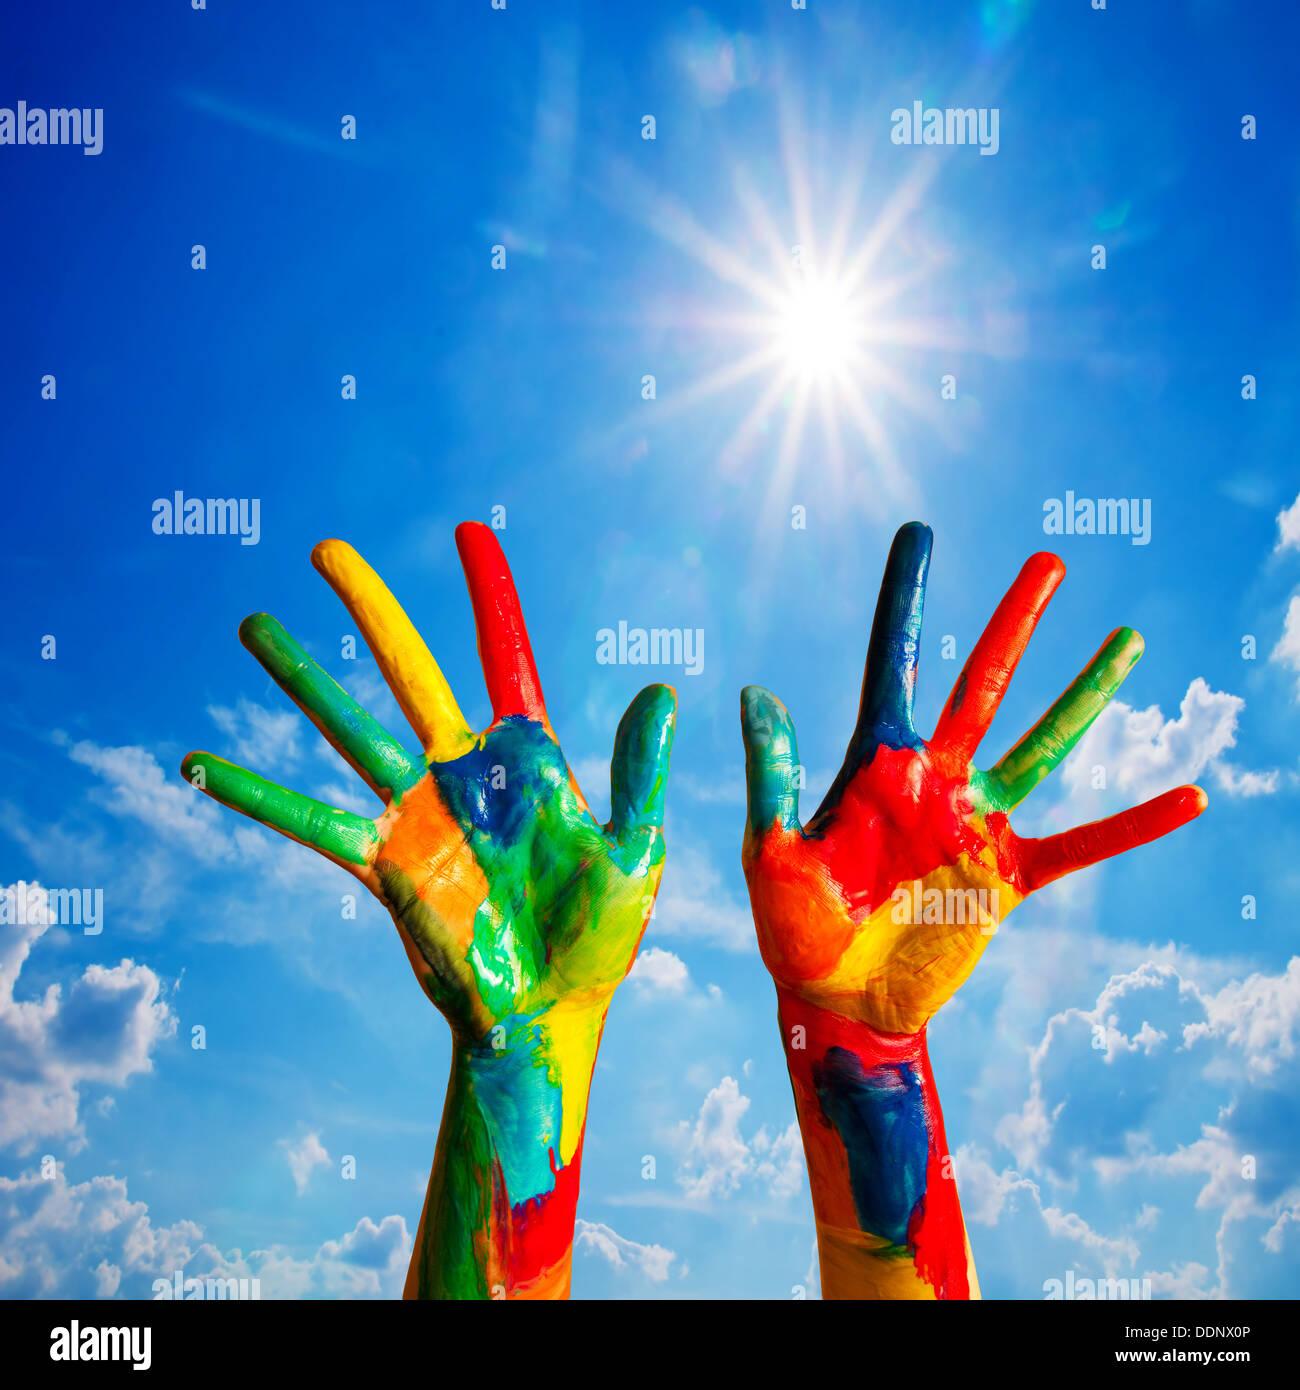 Haut les mains peintes en couleurs, fun - créativité / Bonheur / concept de diversité. Photo Stock